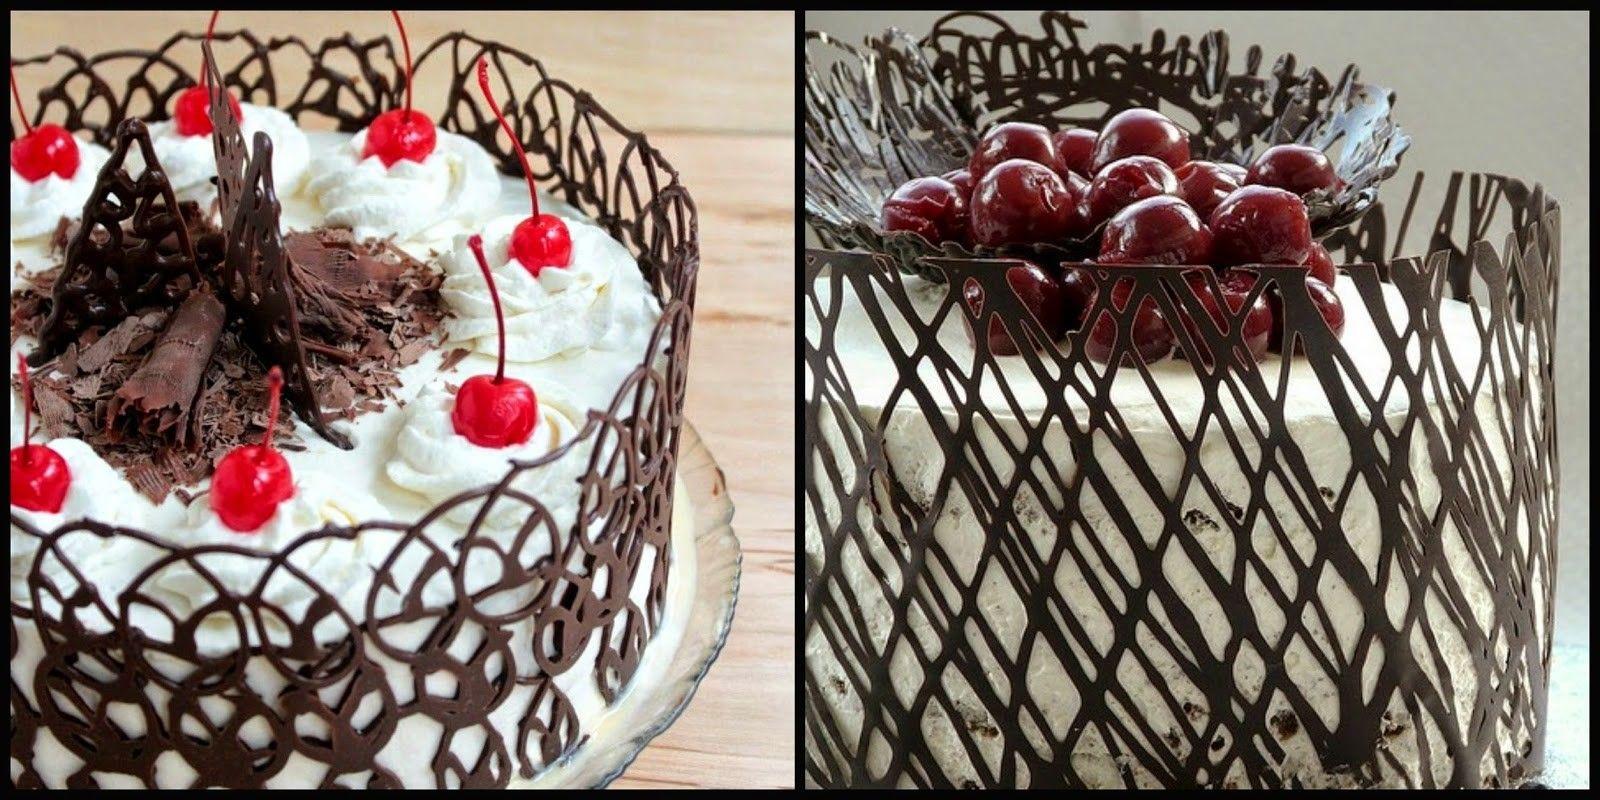 Cioccolato decorazioni per torte for Decorazioni di cioccolato per torte